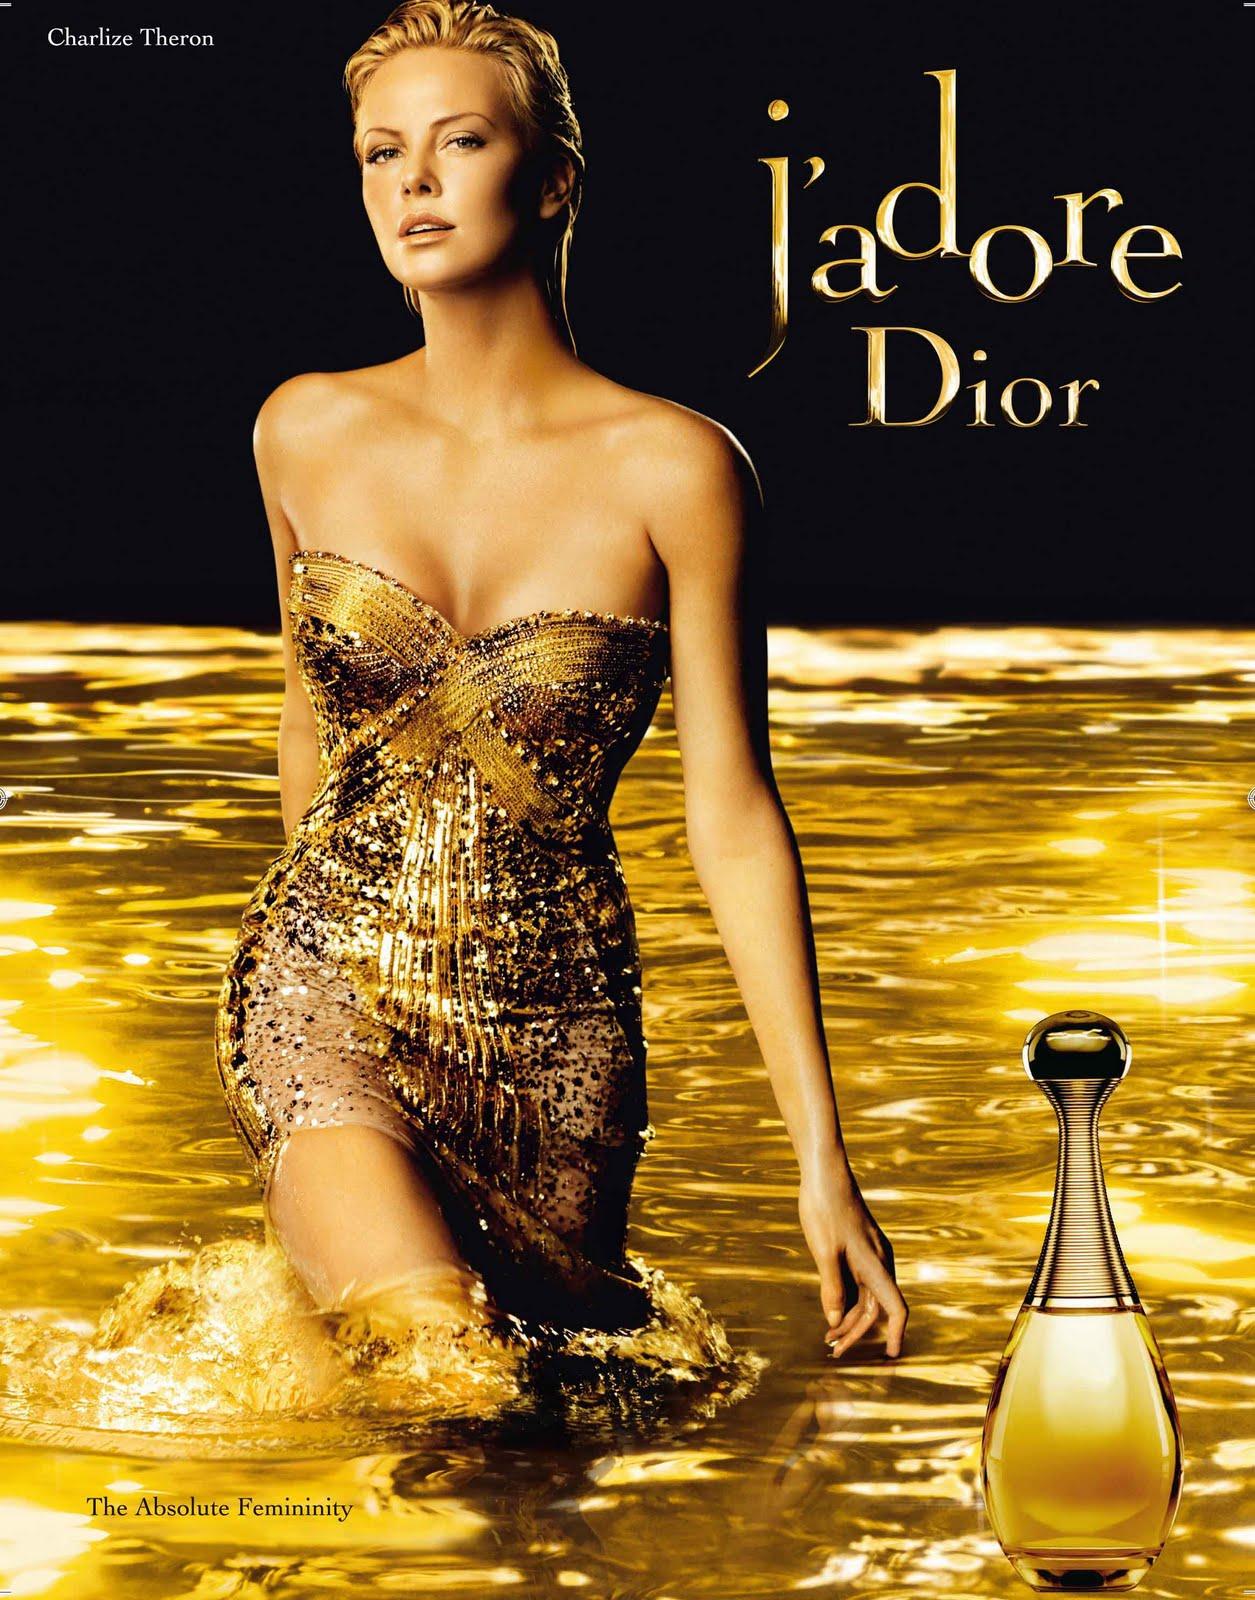 http://4.bp.blogspot.com/-wi9L5BUbuOM/Te-6whsTofI/AAAAAAAAASY/3Im3RQ6QSxc/s1600/perfume-jadore-dior7.jpg